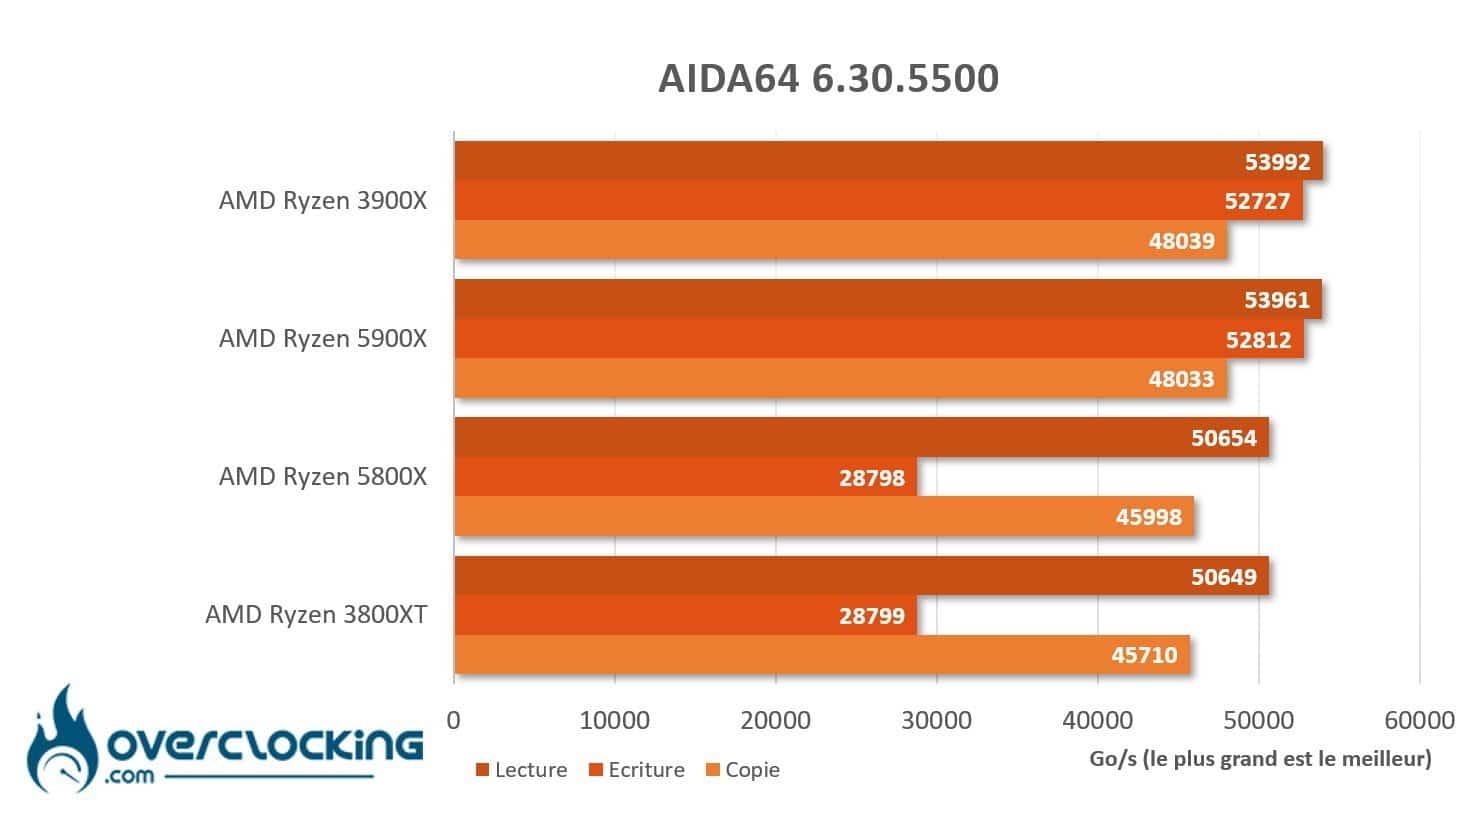 AMD Ryzen 5800X et 5900X sous Aida64